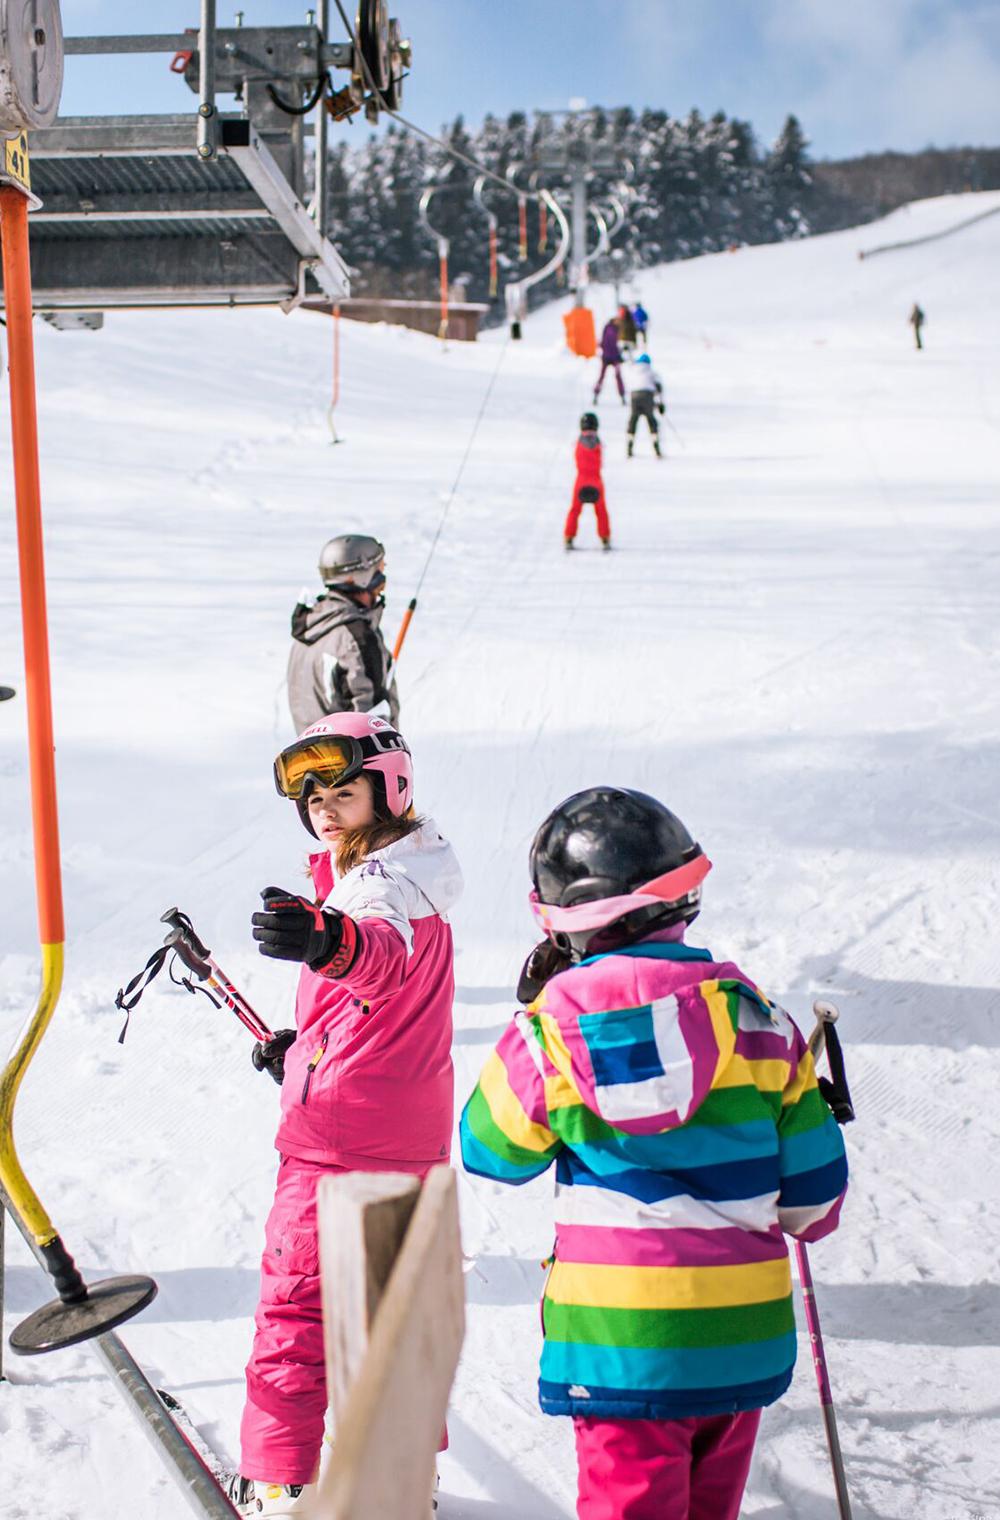 parc-activites-montagne-praboure-location-de-ski-2